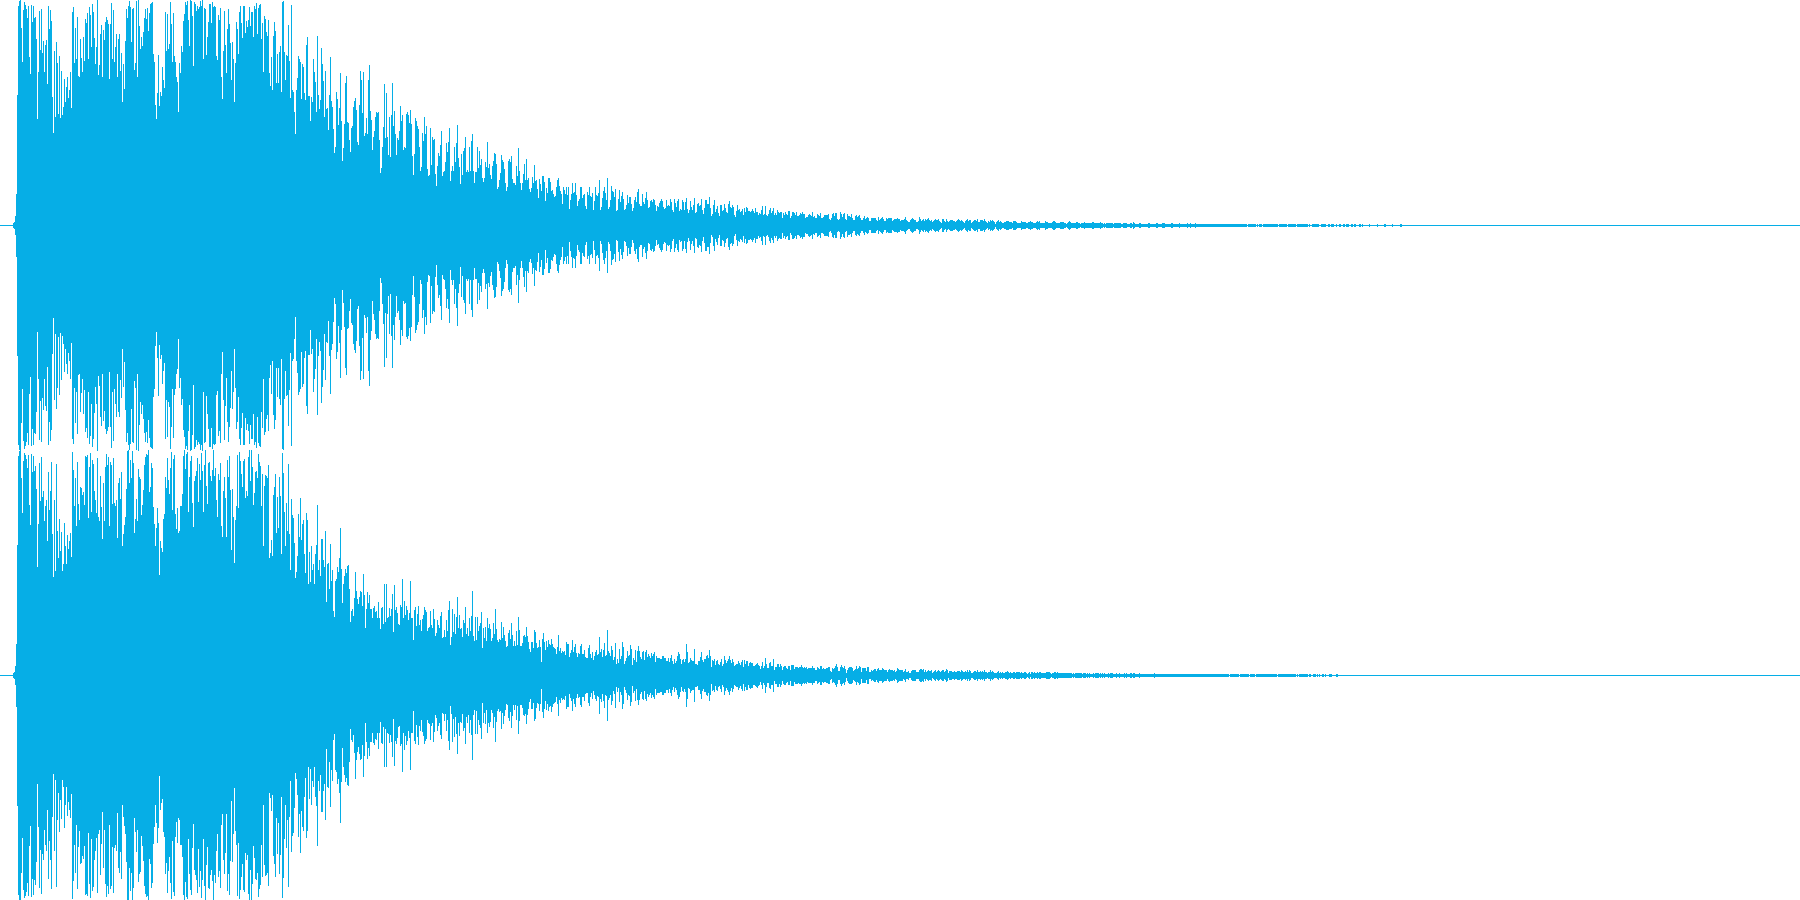 お正月・和風イメージボタン音(上昇)の再生済みの波形